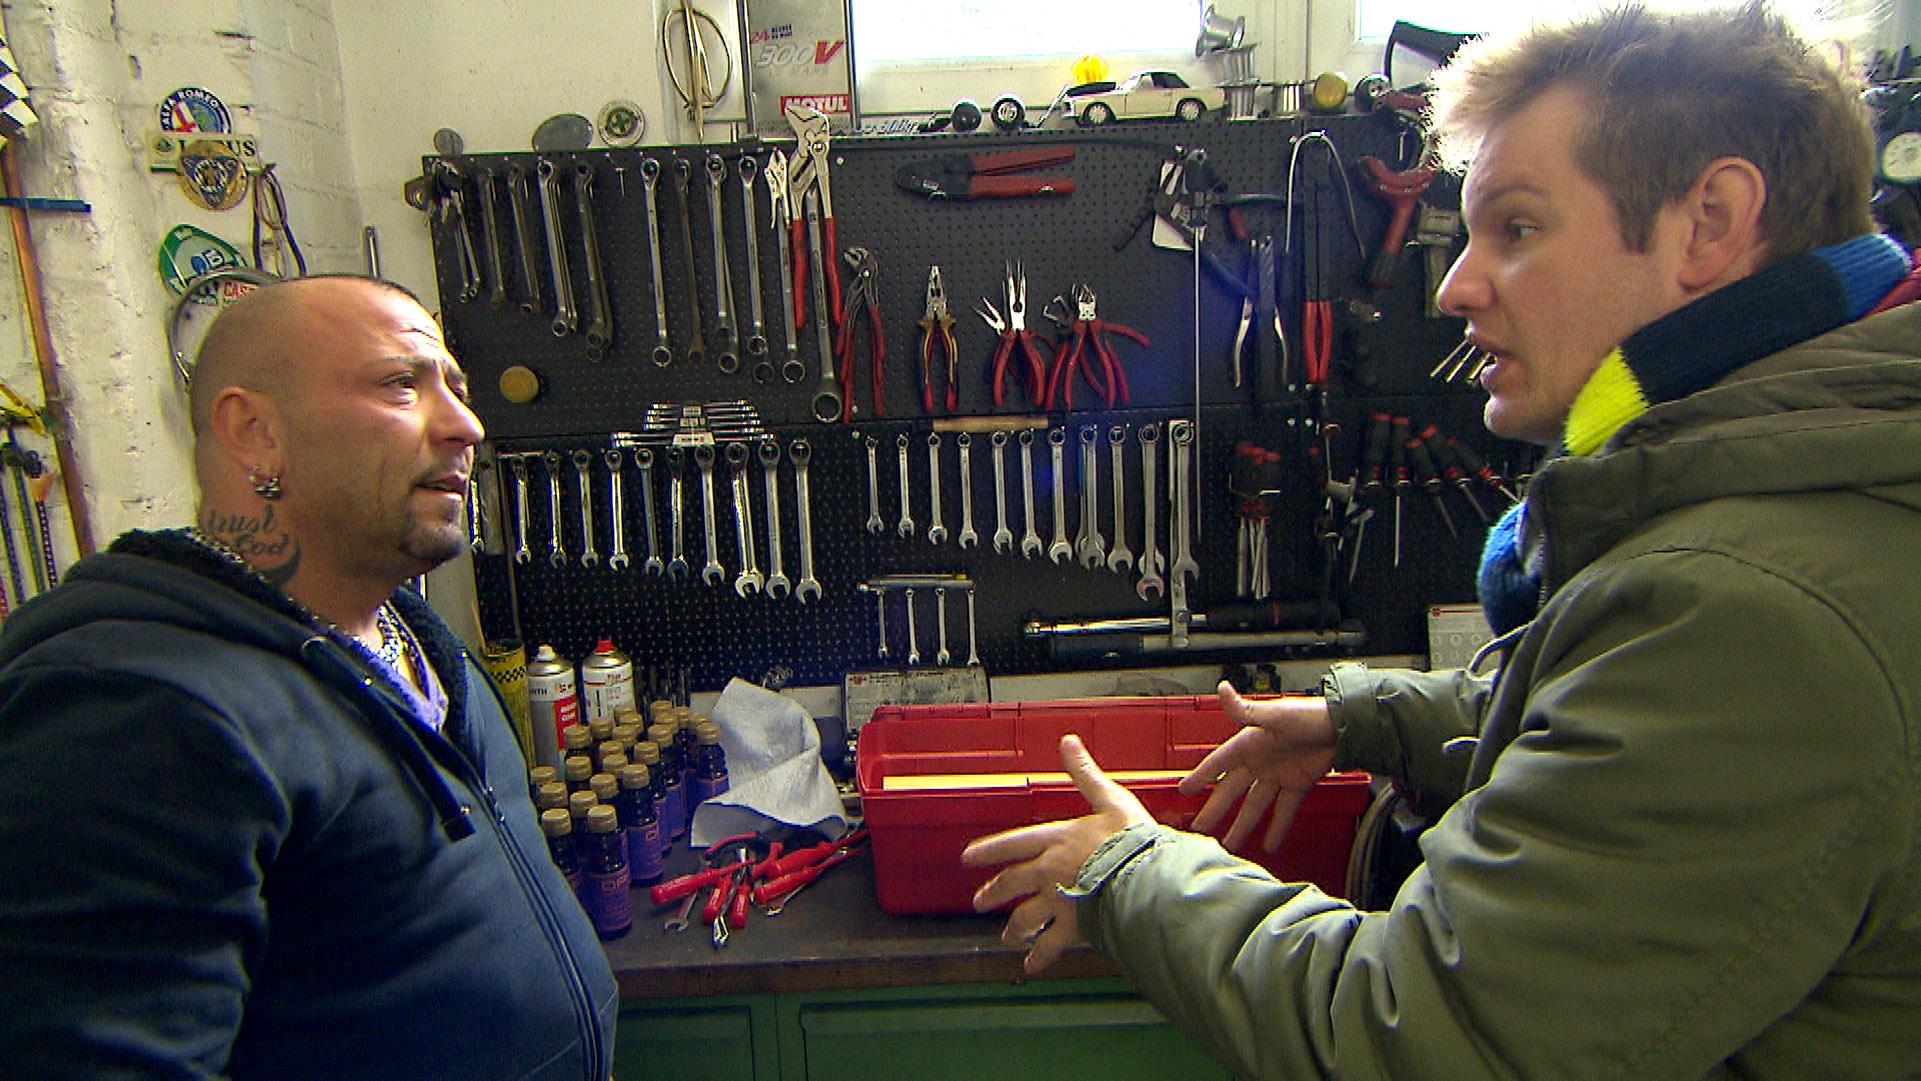 Ole (re.) hat die fixe Idee, seine Shots in Manier eines Staubsaugervertreters unter die Leute zu bringen. Fabrizio (li.) will ihn dabei begleiten.. (Quelle: RTL 2)